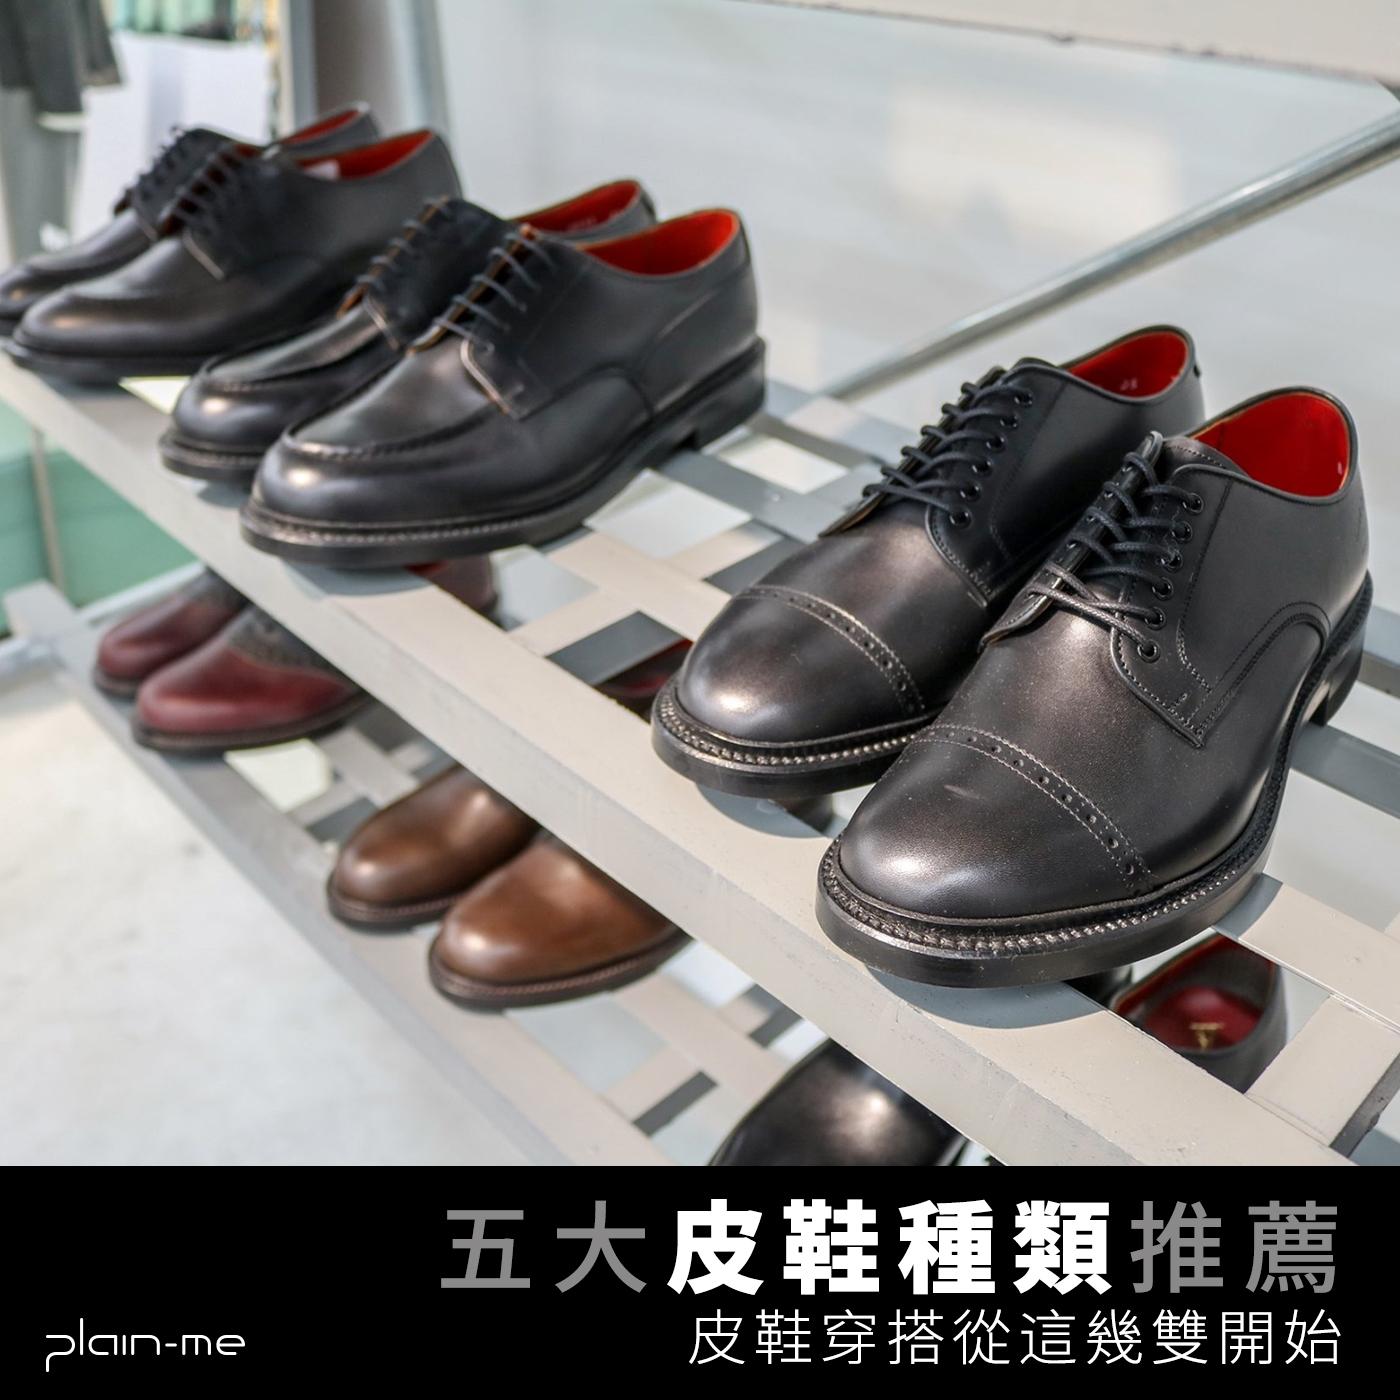 鞋子,皮鞋,皮鞋推薦,樂福鞋,牛津鞋,德比鞋,皮鞋品牌,皮鞋推薦,皮鞋穿搭,休閒皮鞋,真皮皮鞋,HARUTA,MADRAS,REGAL